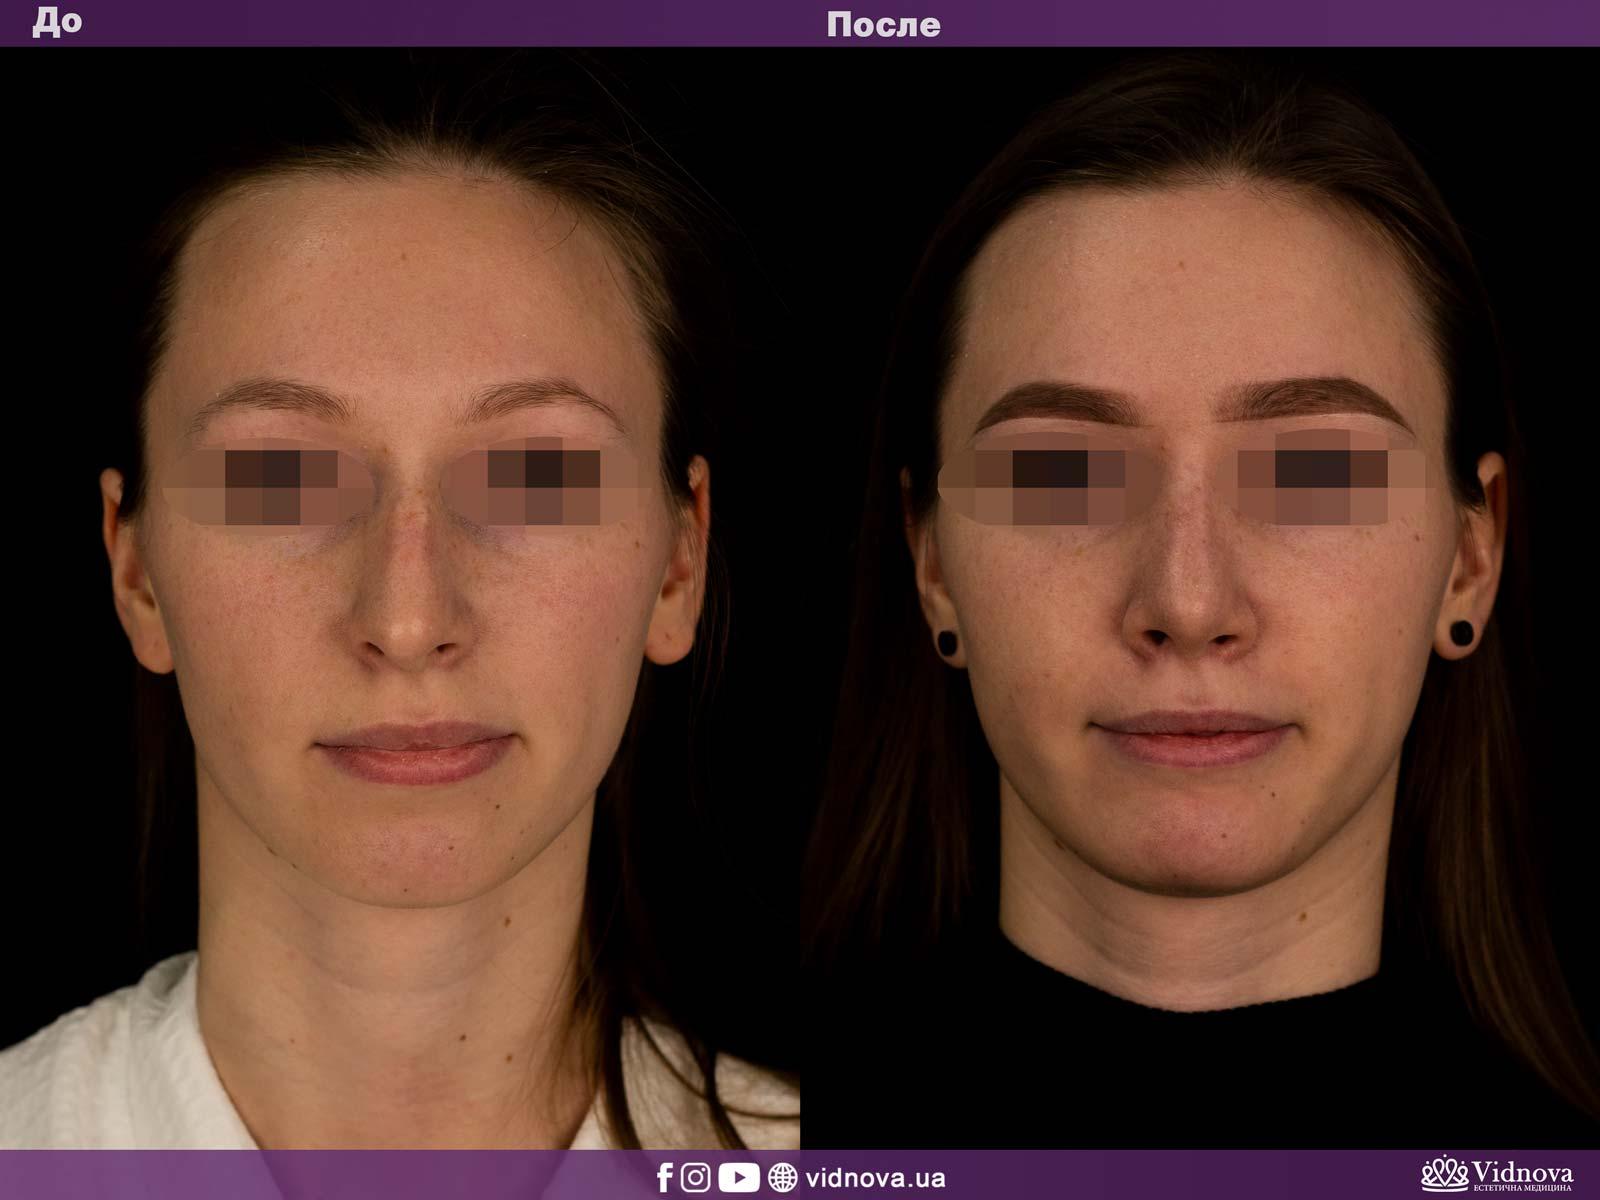 Ринопластика: Фото ДО и ПОСЛЕ - Пример №1-1 - Клиника Vidnova